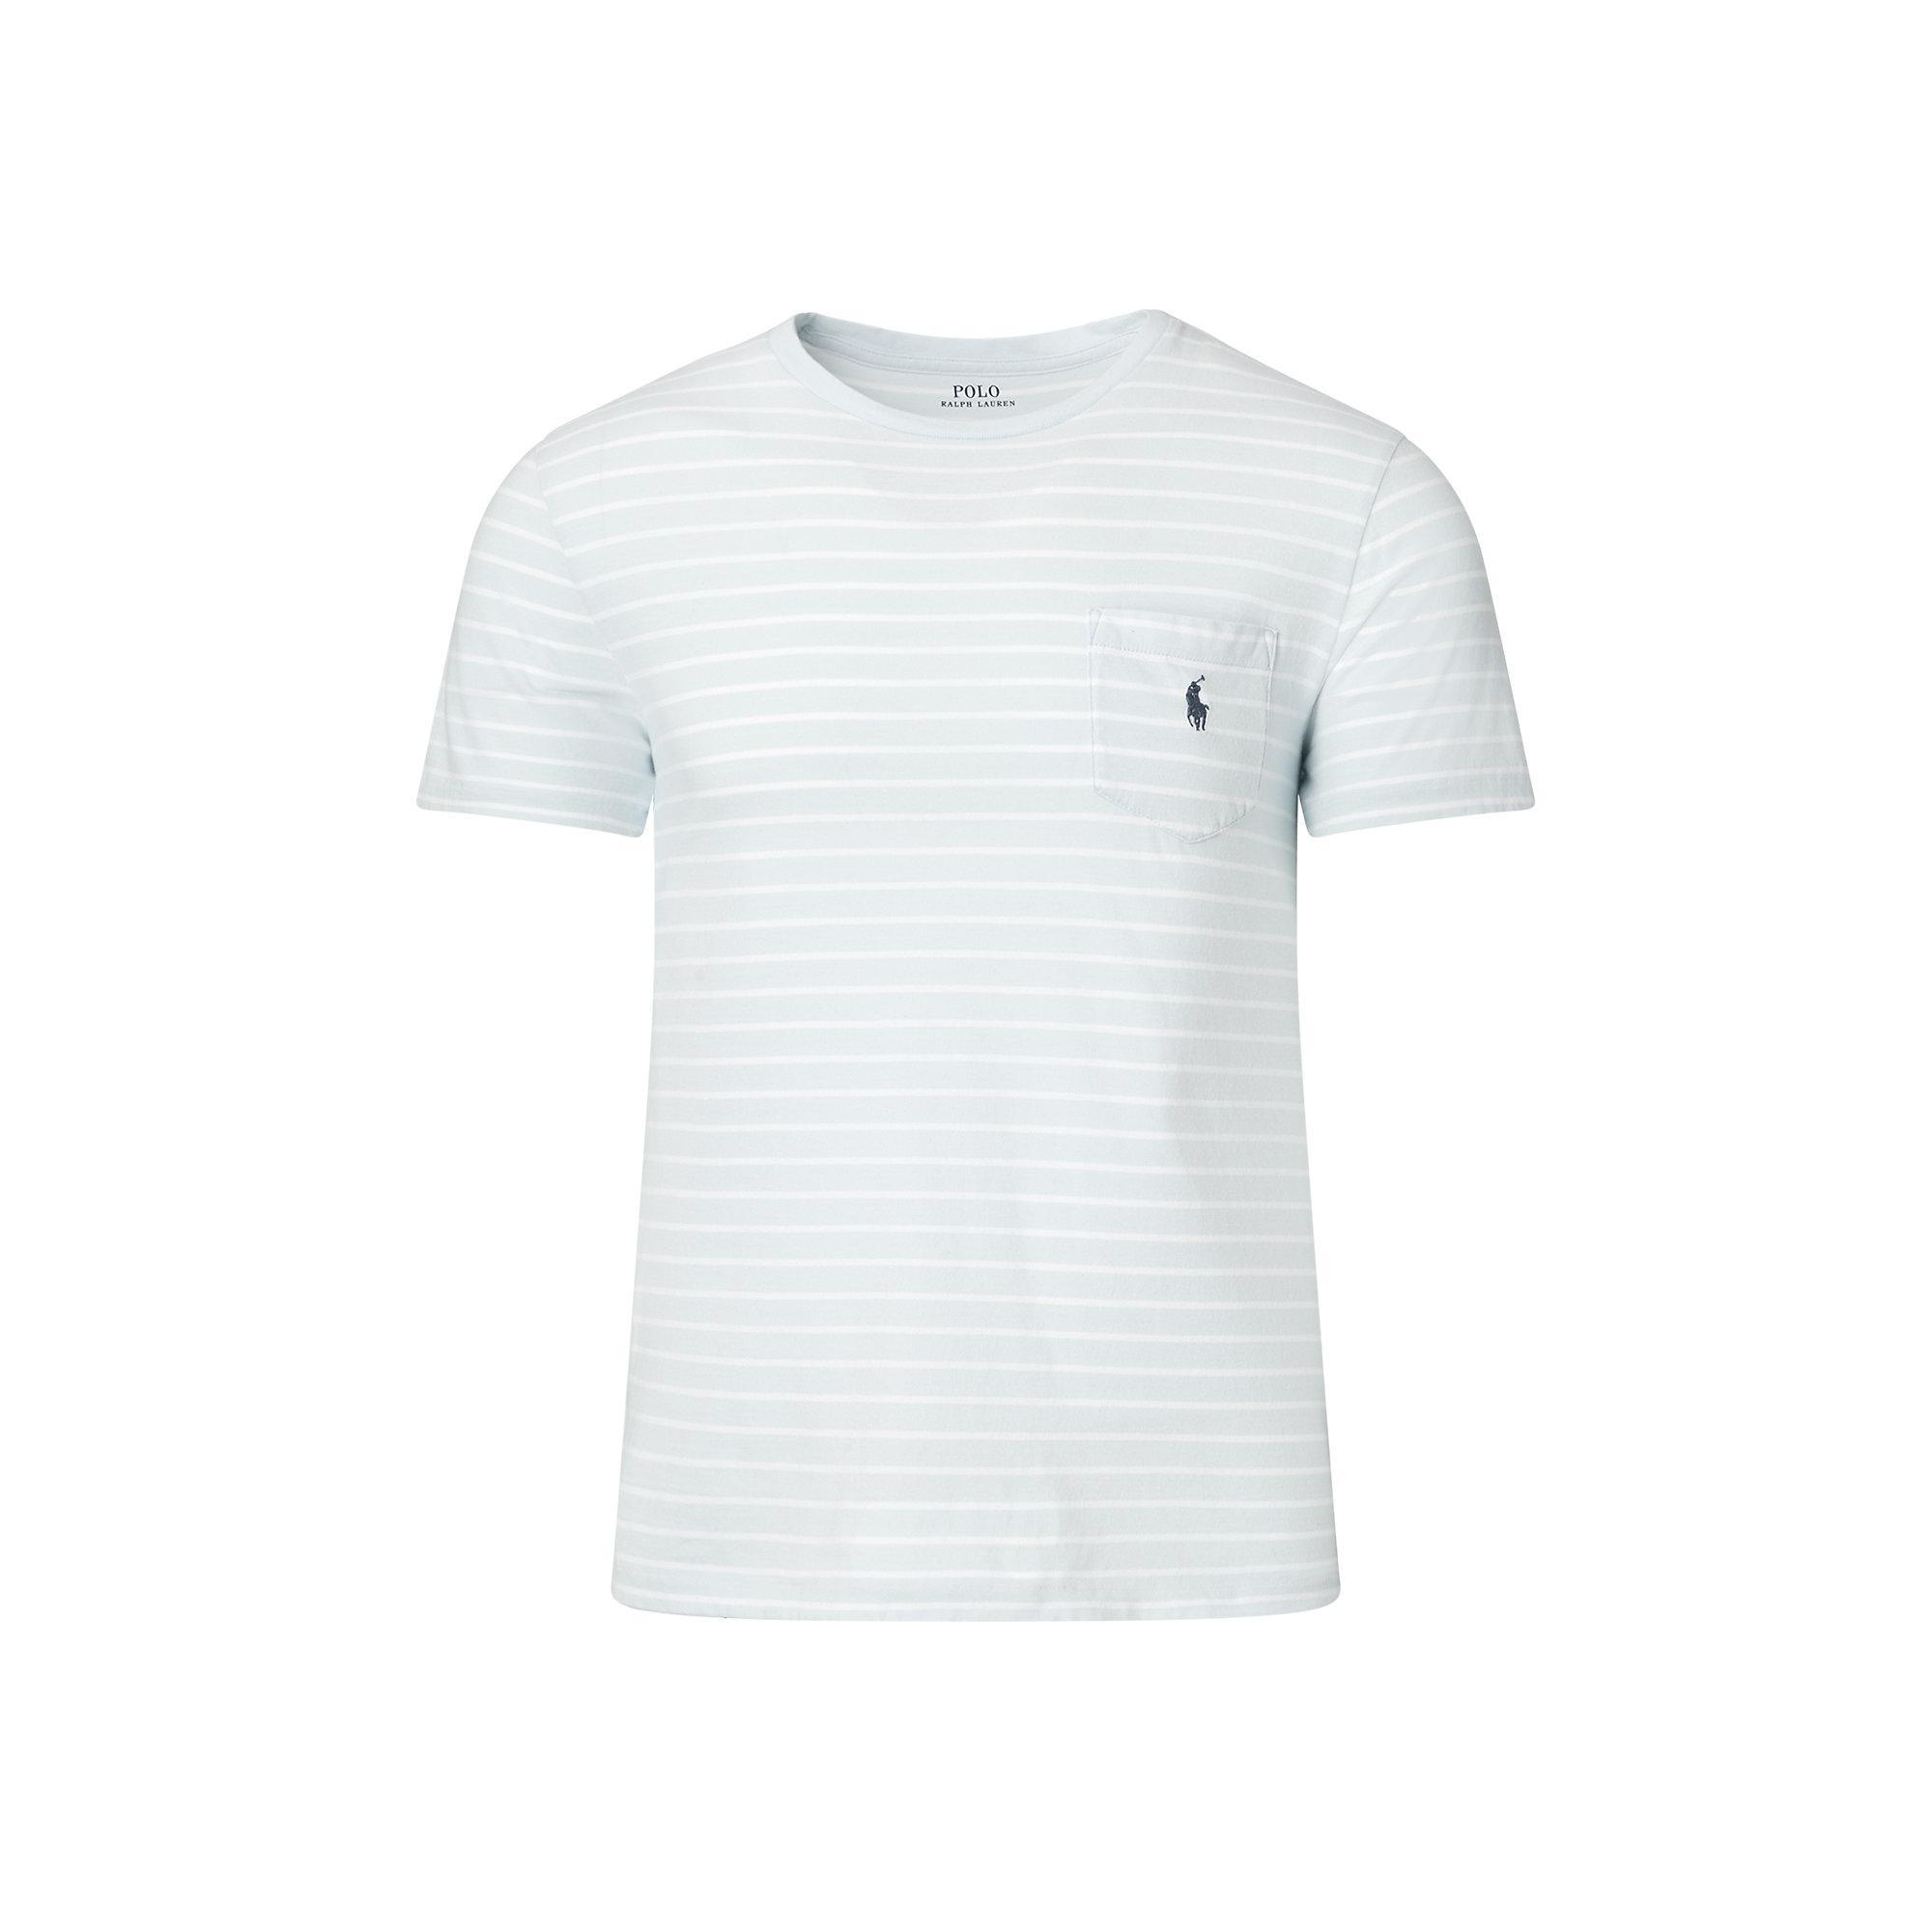 Polo ralph lauren cotton jersey pocket t shirt in white for Ralph lauren polo jersey shirt